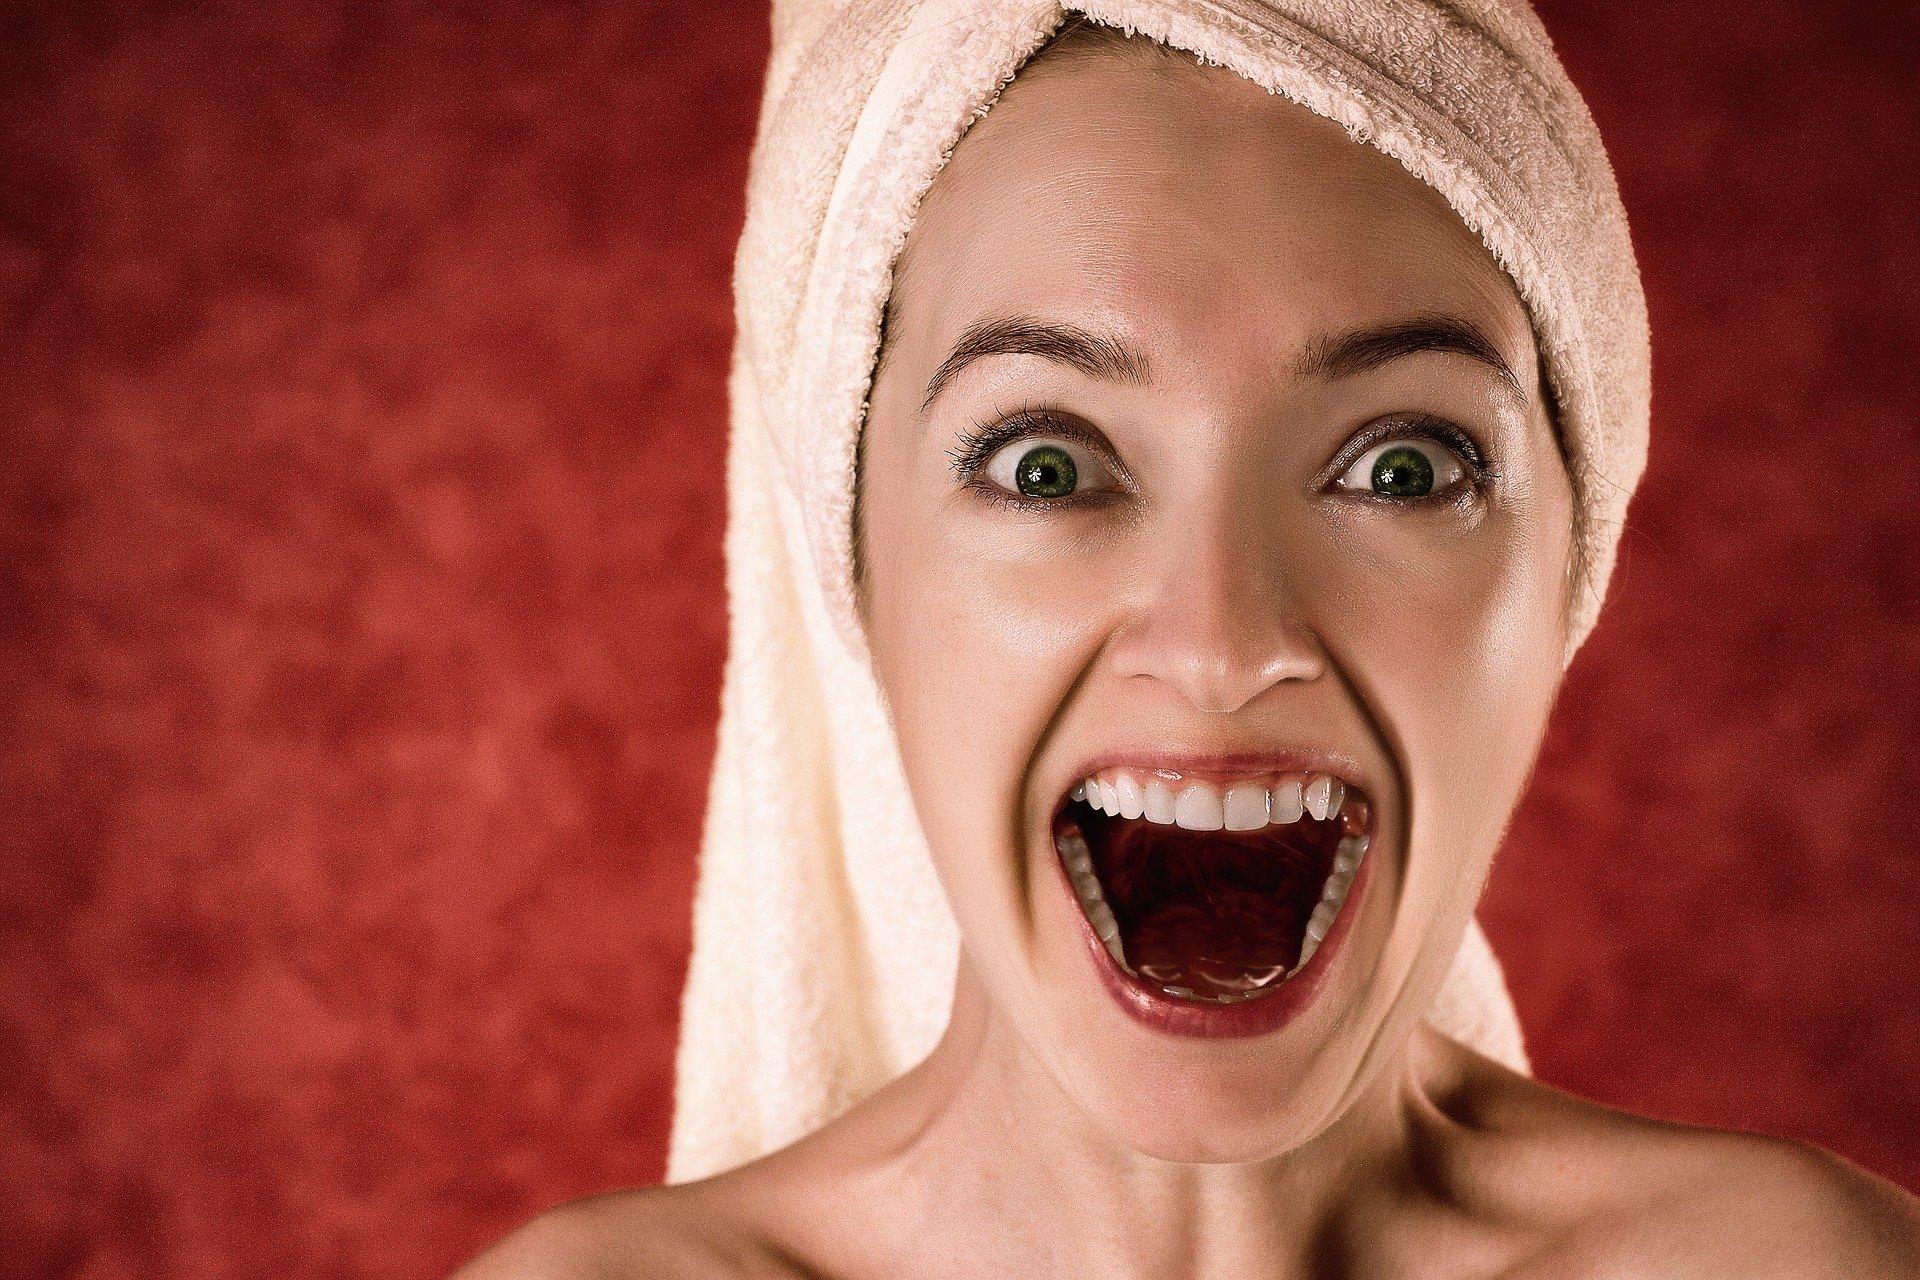 मुंह से बदबू आने का उपचार